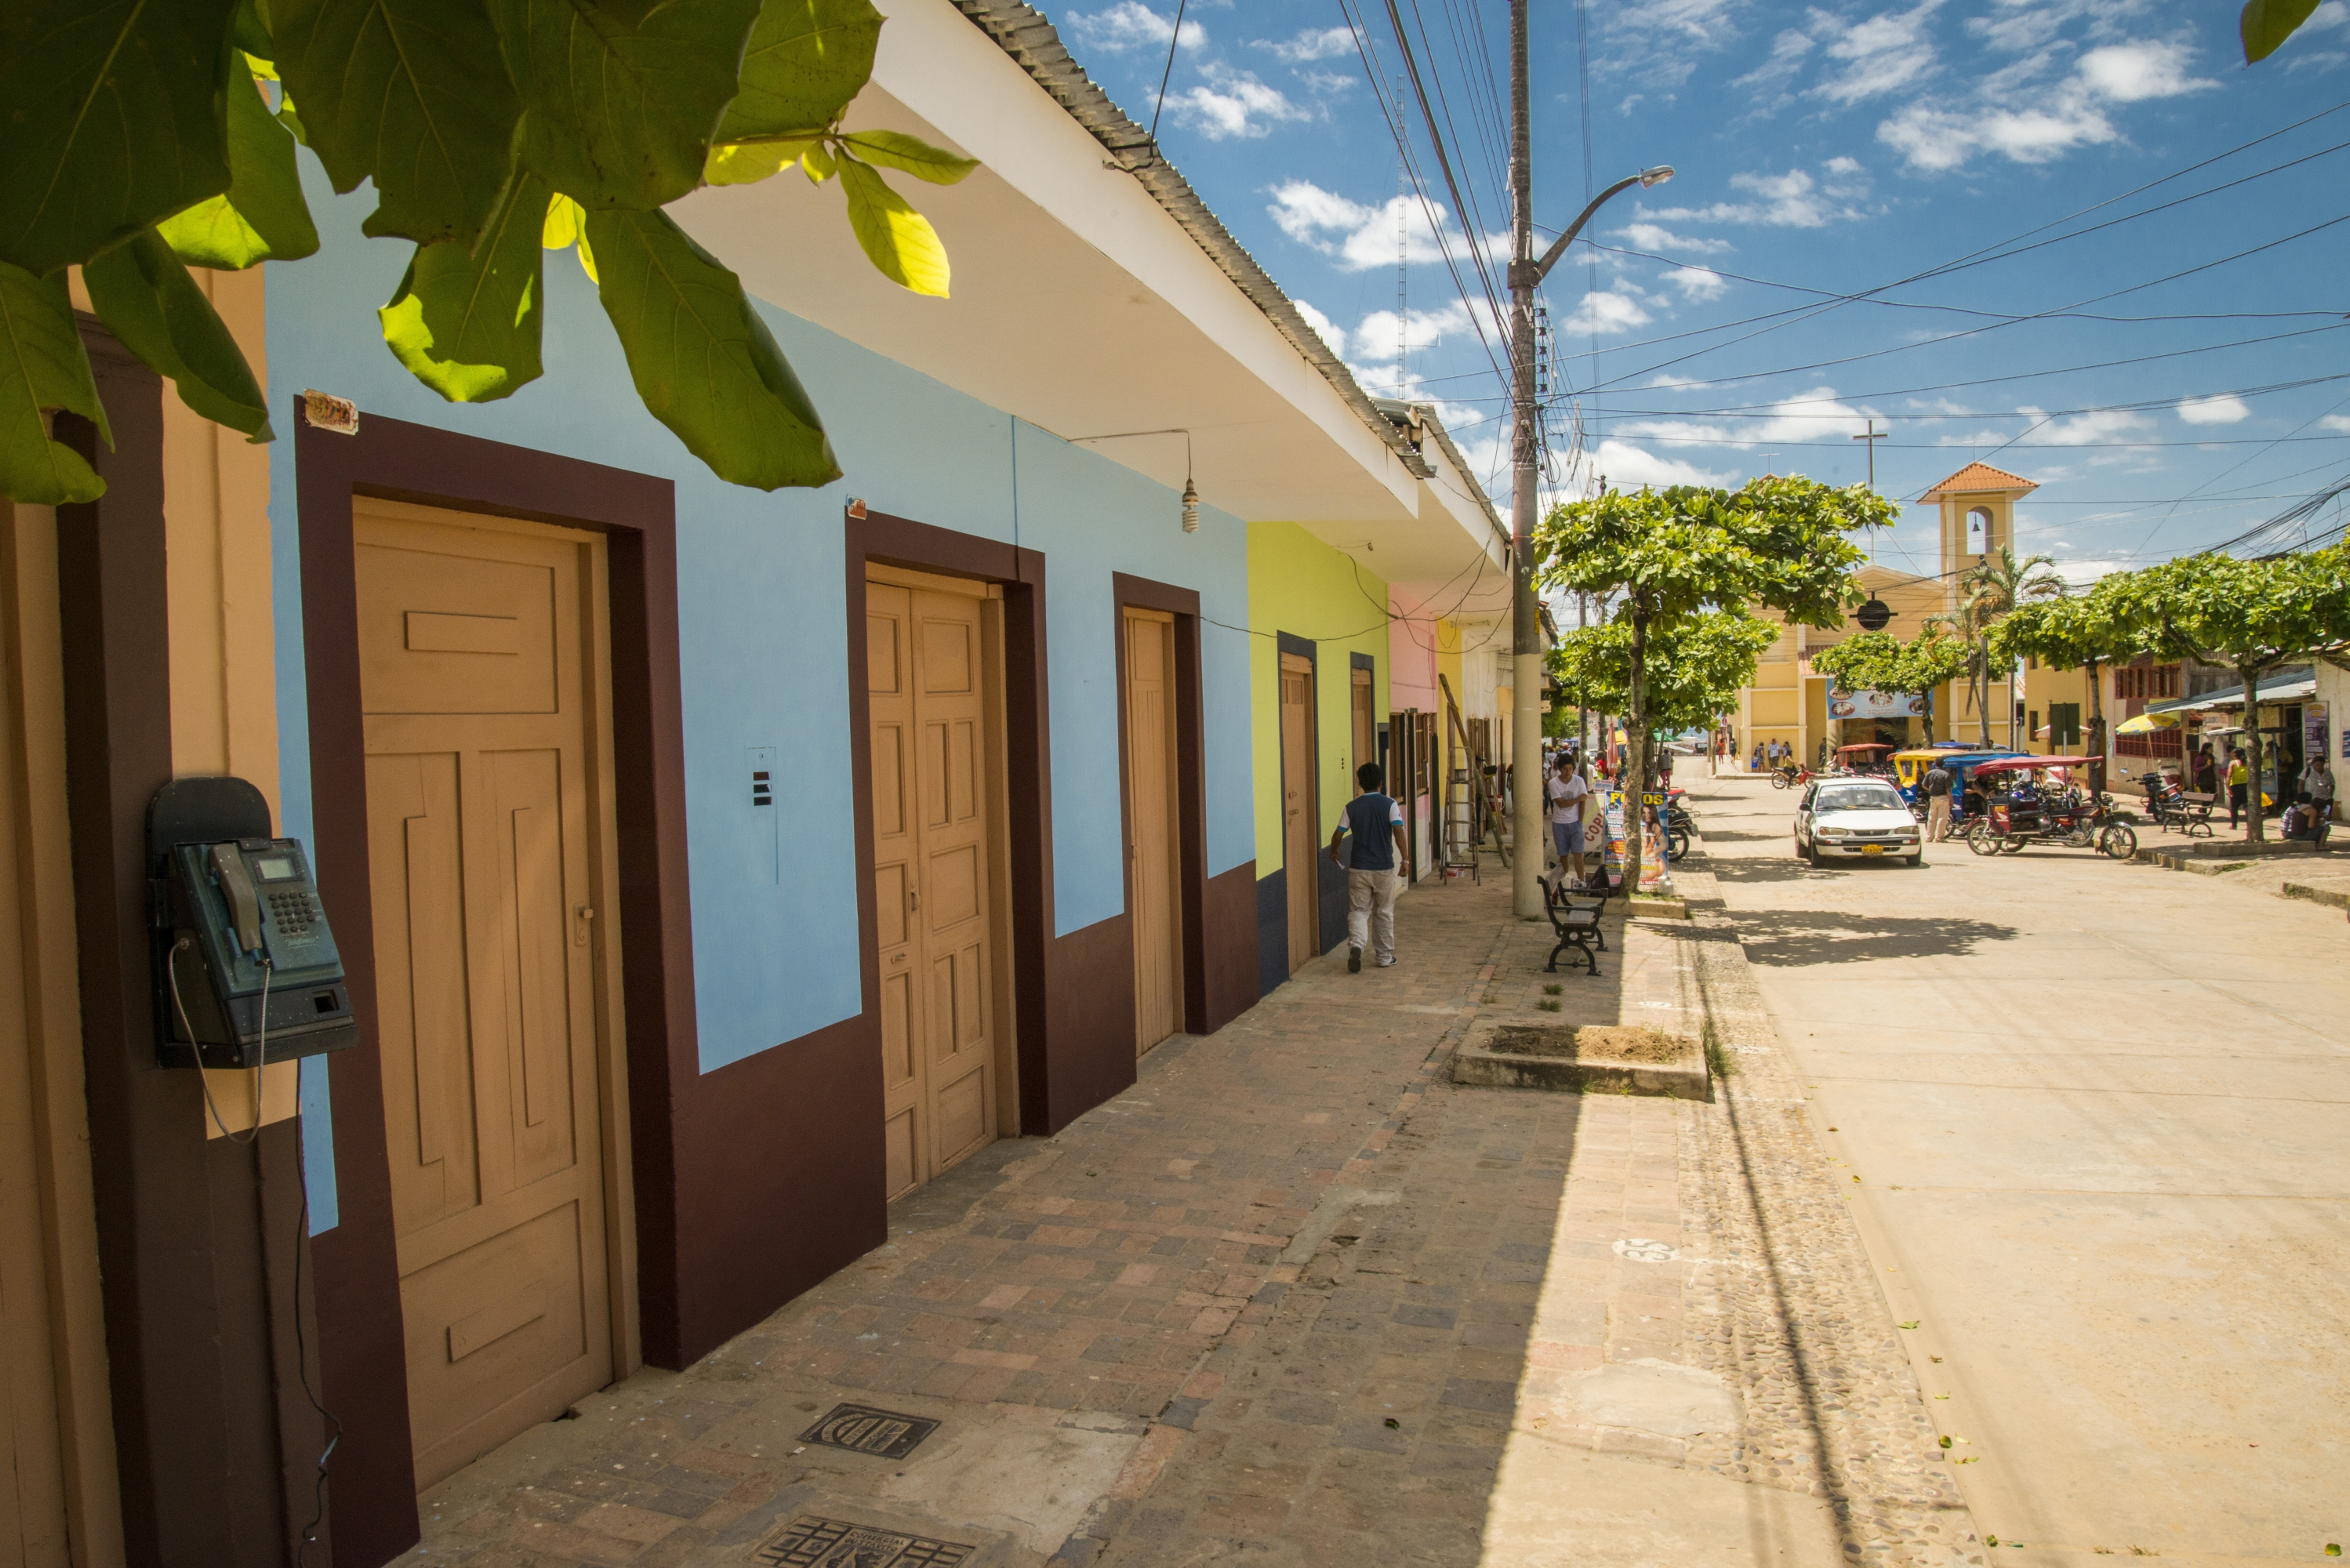 Las calles de Lamas se caracterizan por ser coloridas. (Foto: PromPerú)